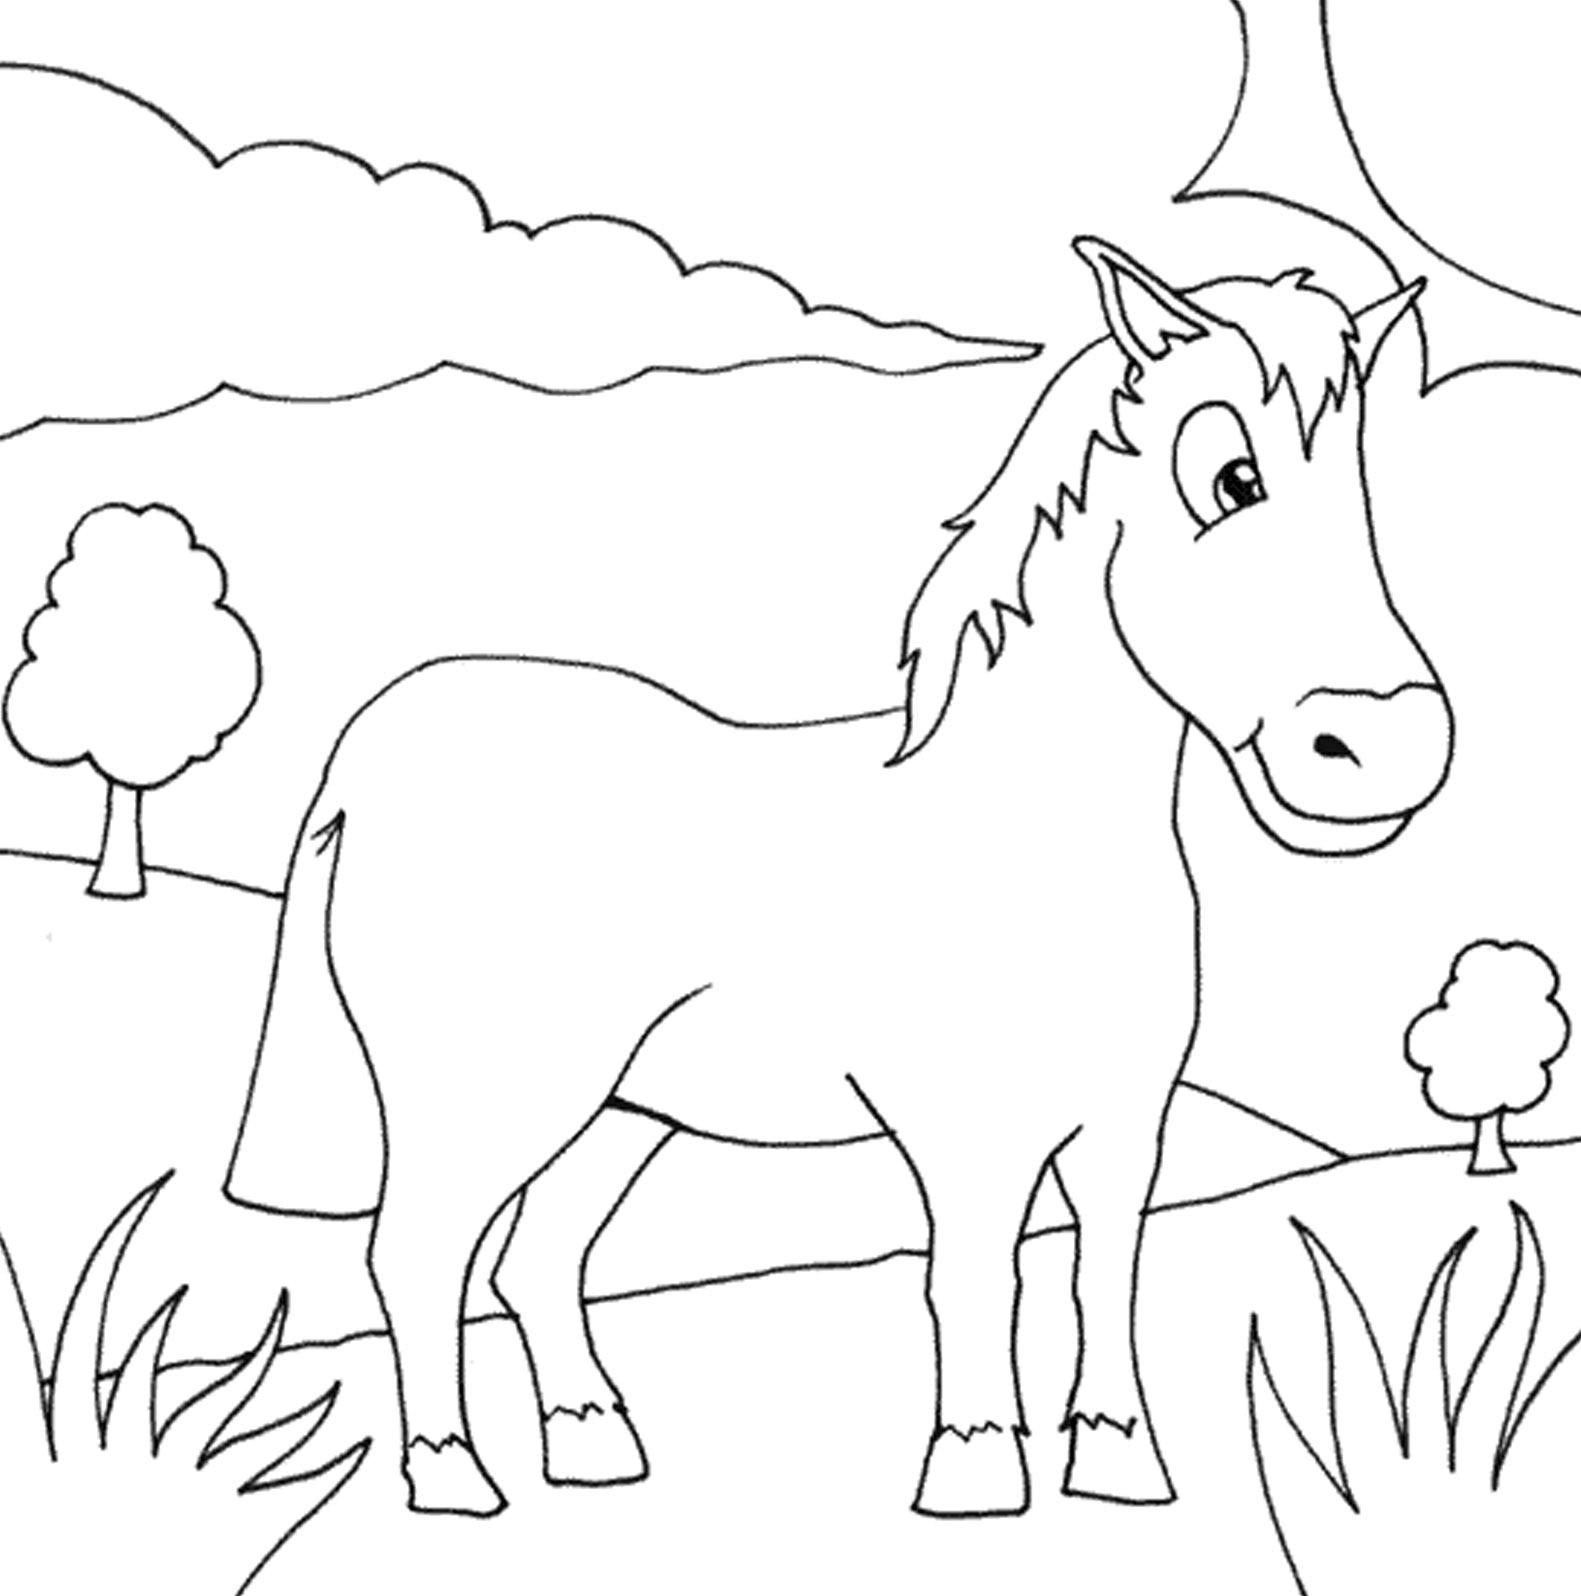 Kumpulan Gambar Sketsa Hewan Kuda